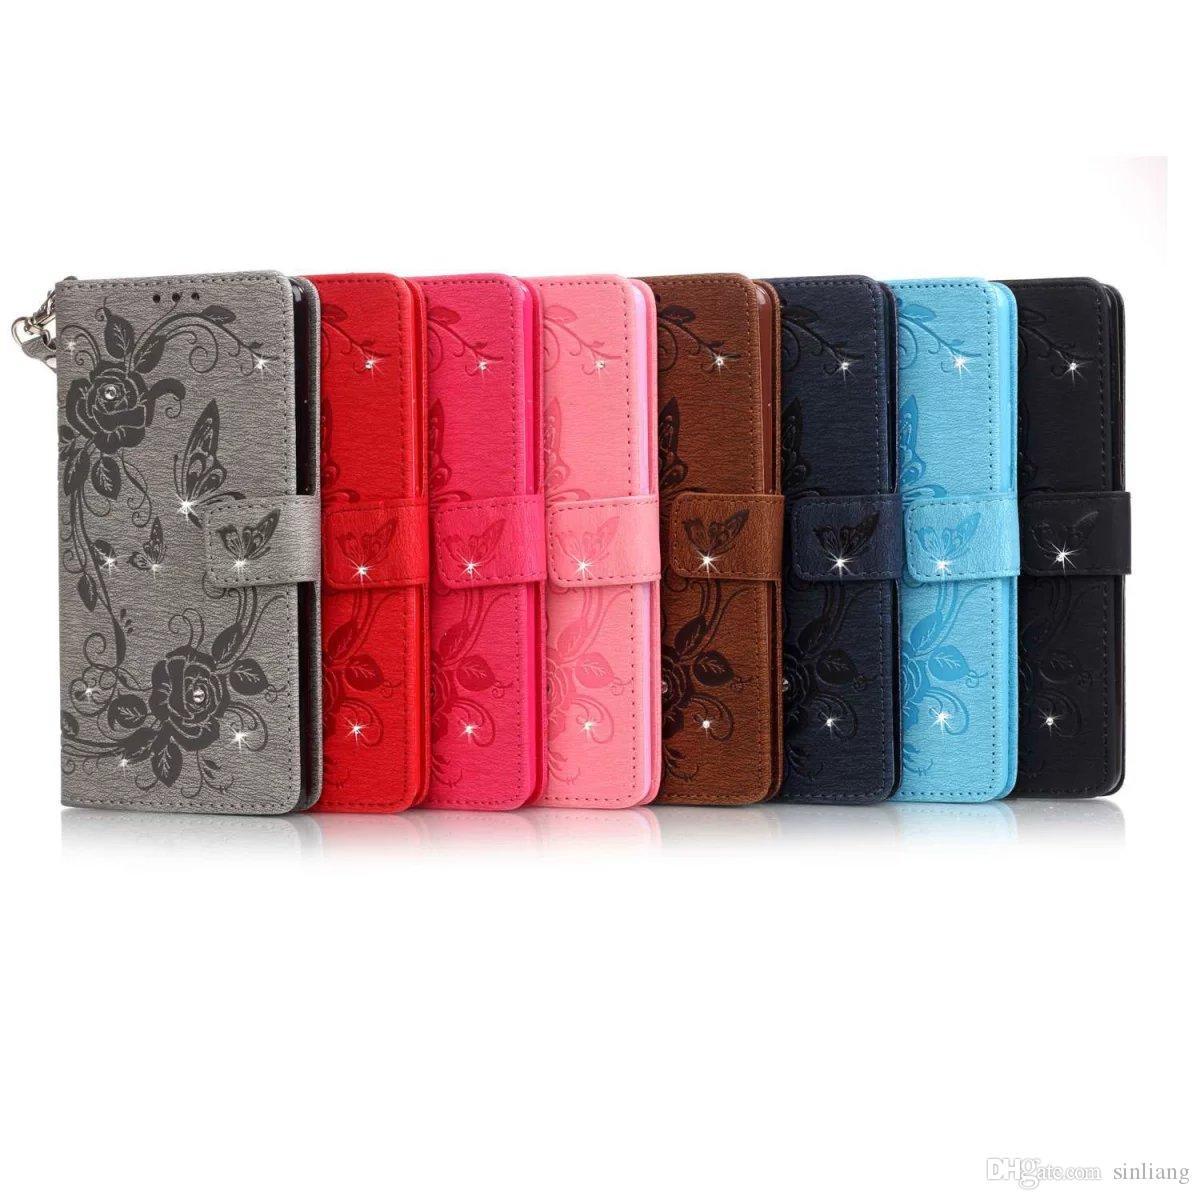 Custodia a portafoglio per Custodia Custodia in pelle con fiore per farfalle a forma di Iphone 7 Custodia a rilievo Custodia in pelle per carte con custodia per iPhone 5,6,7